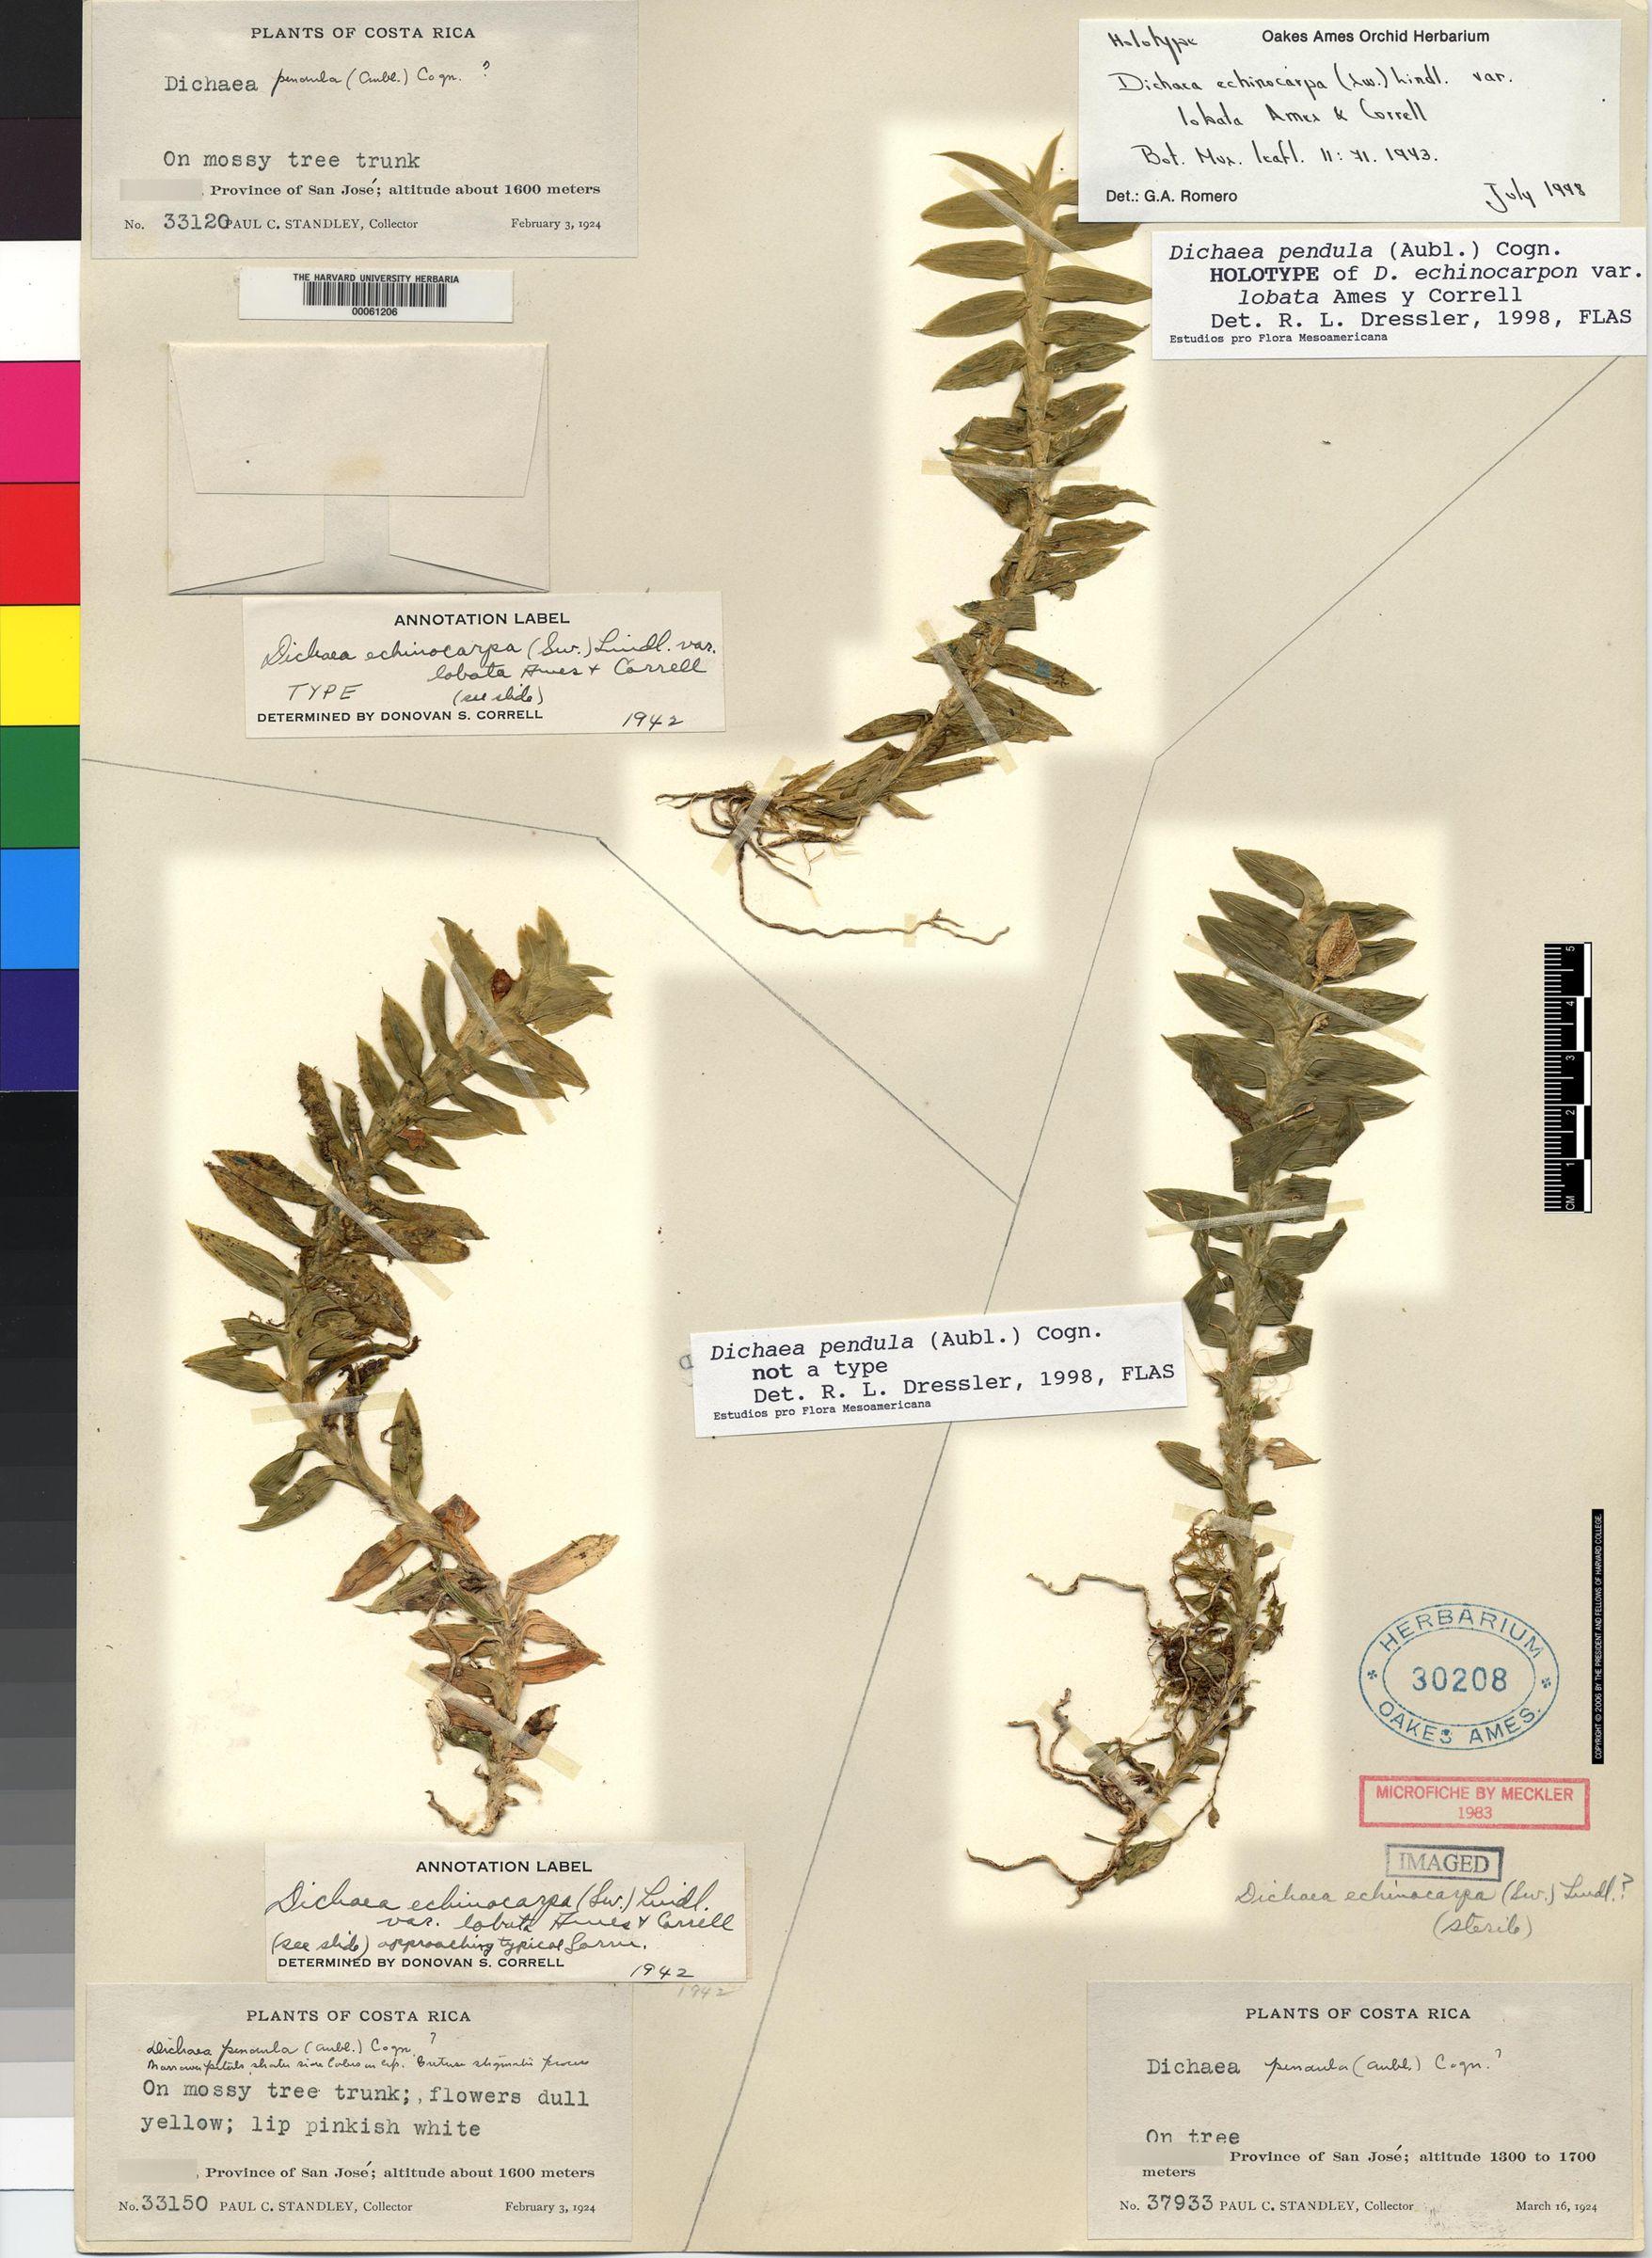 Dichaea pendula image